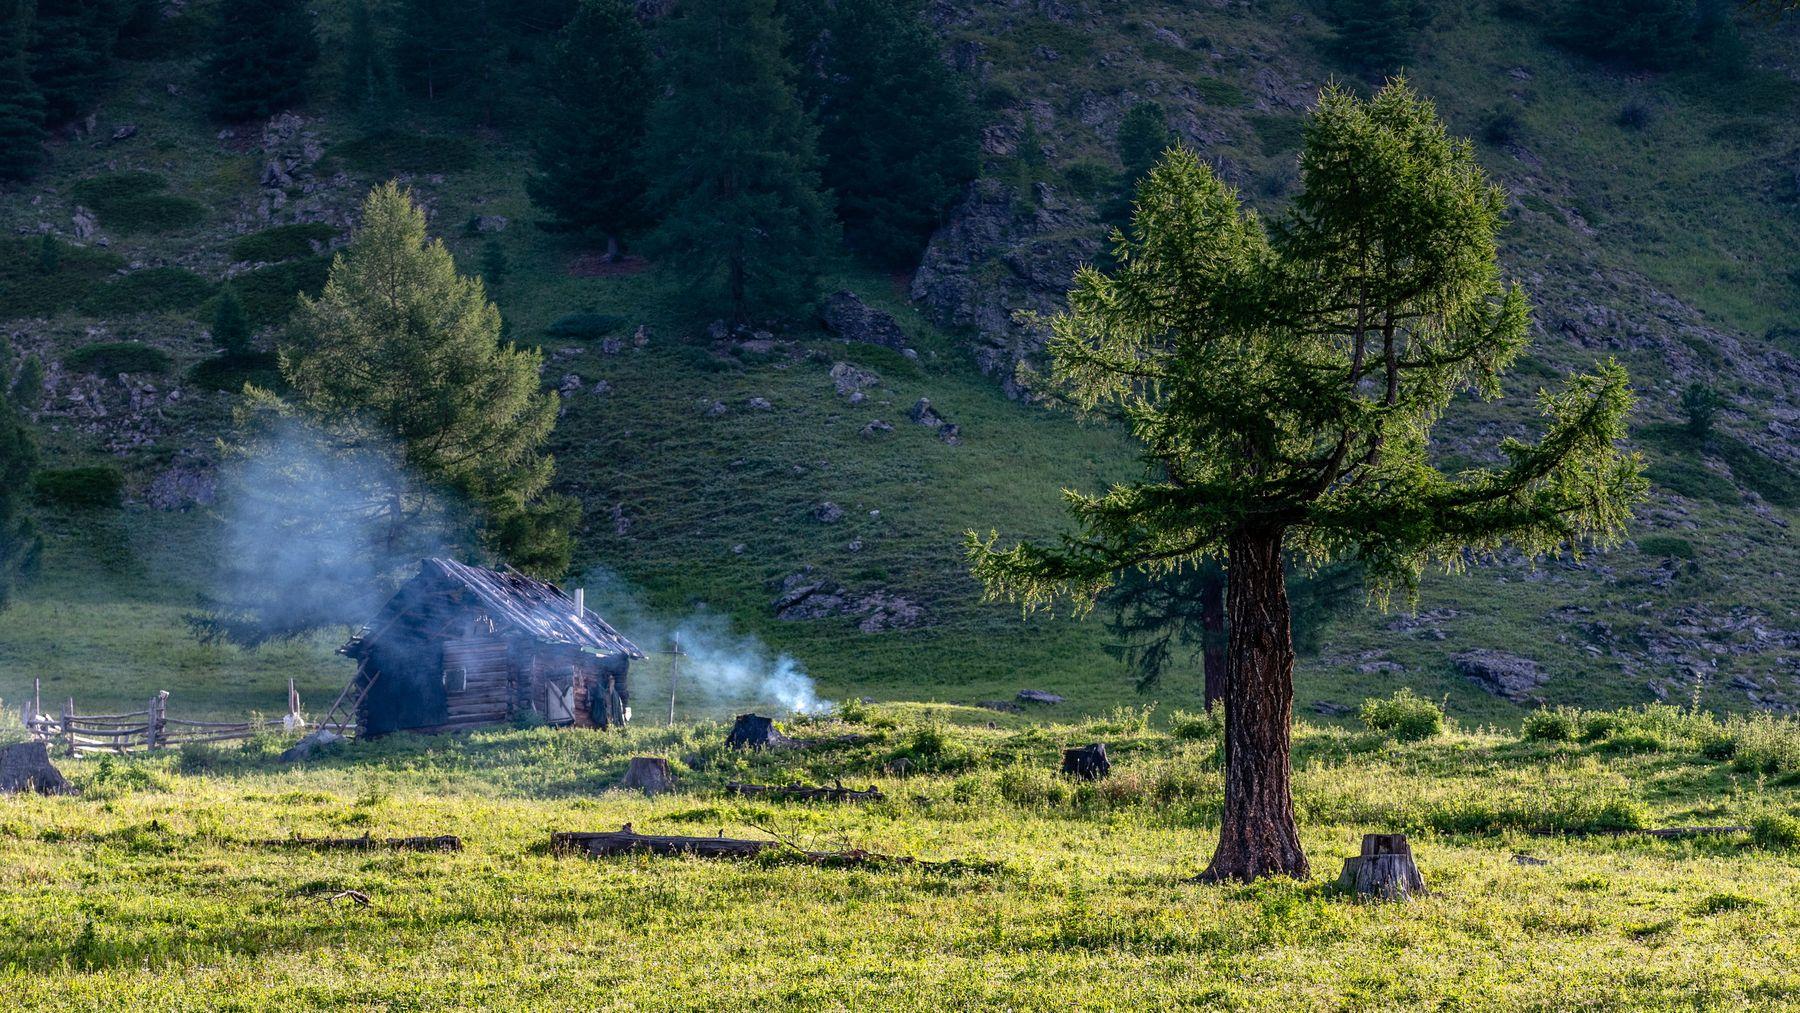 Раннее утро. горы алтай горный аккем пейзаж природа россия ник васильев красота утро дым дом заимка